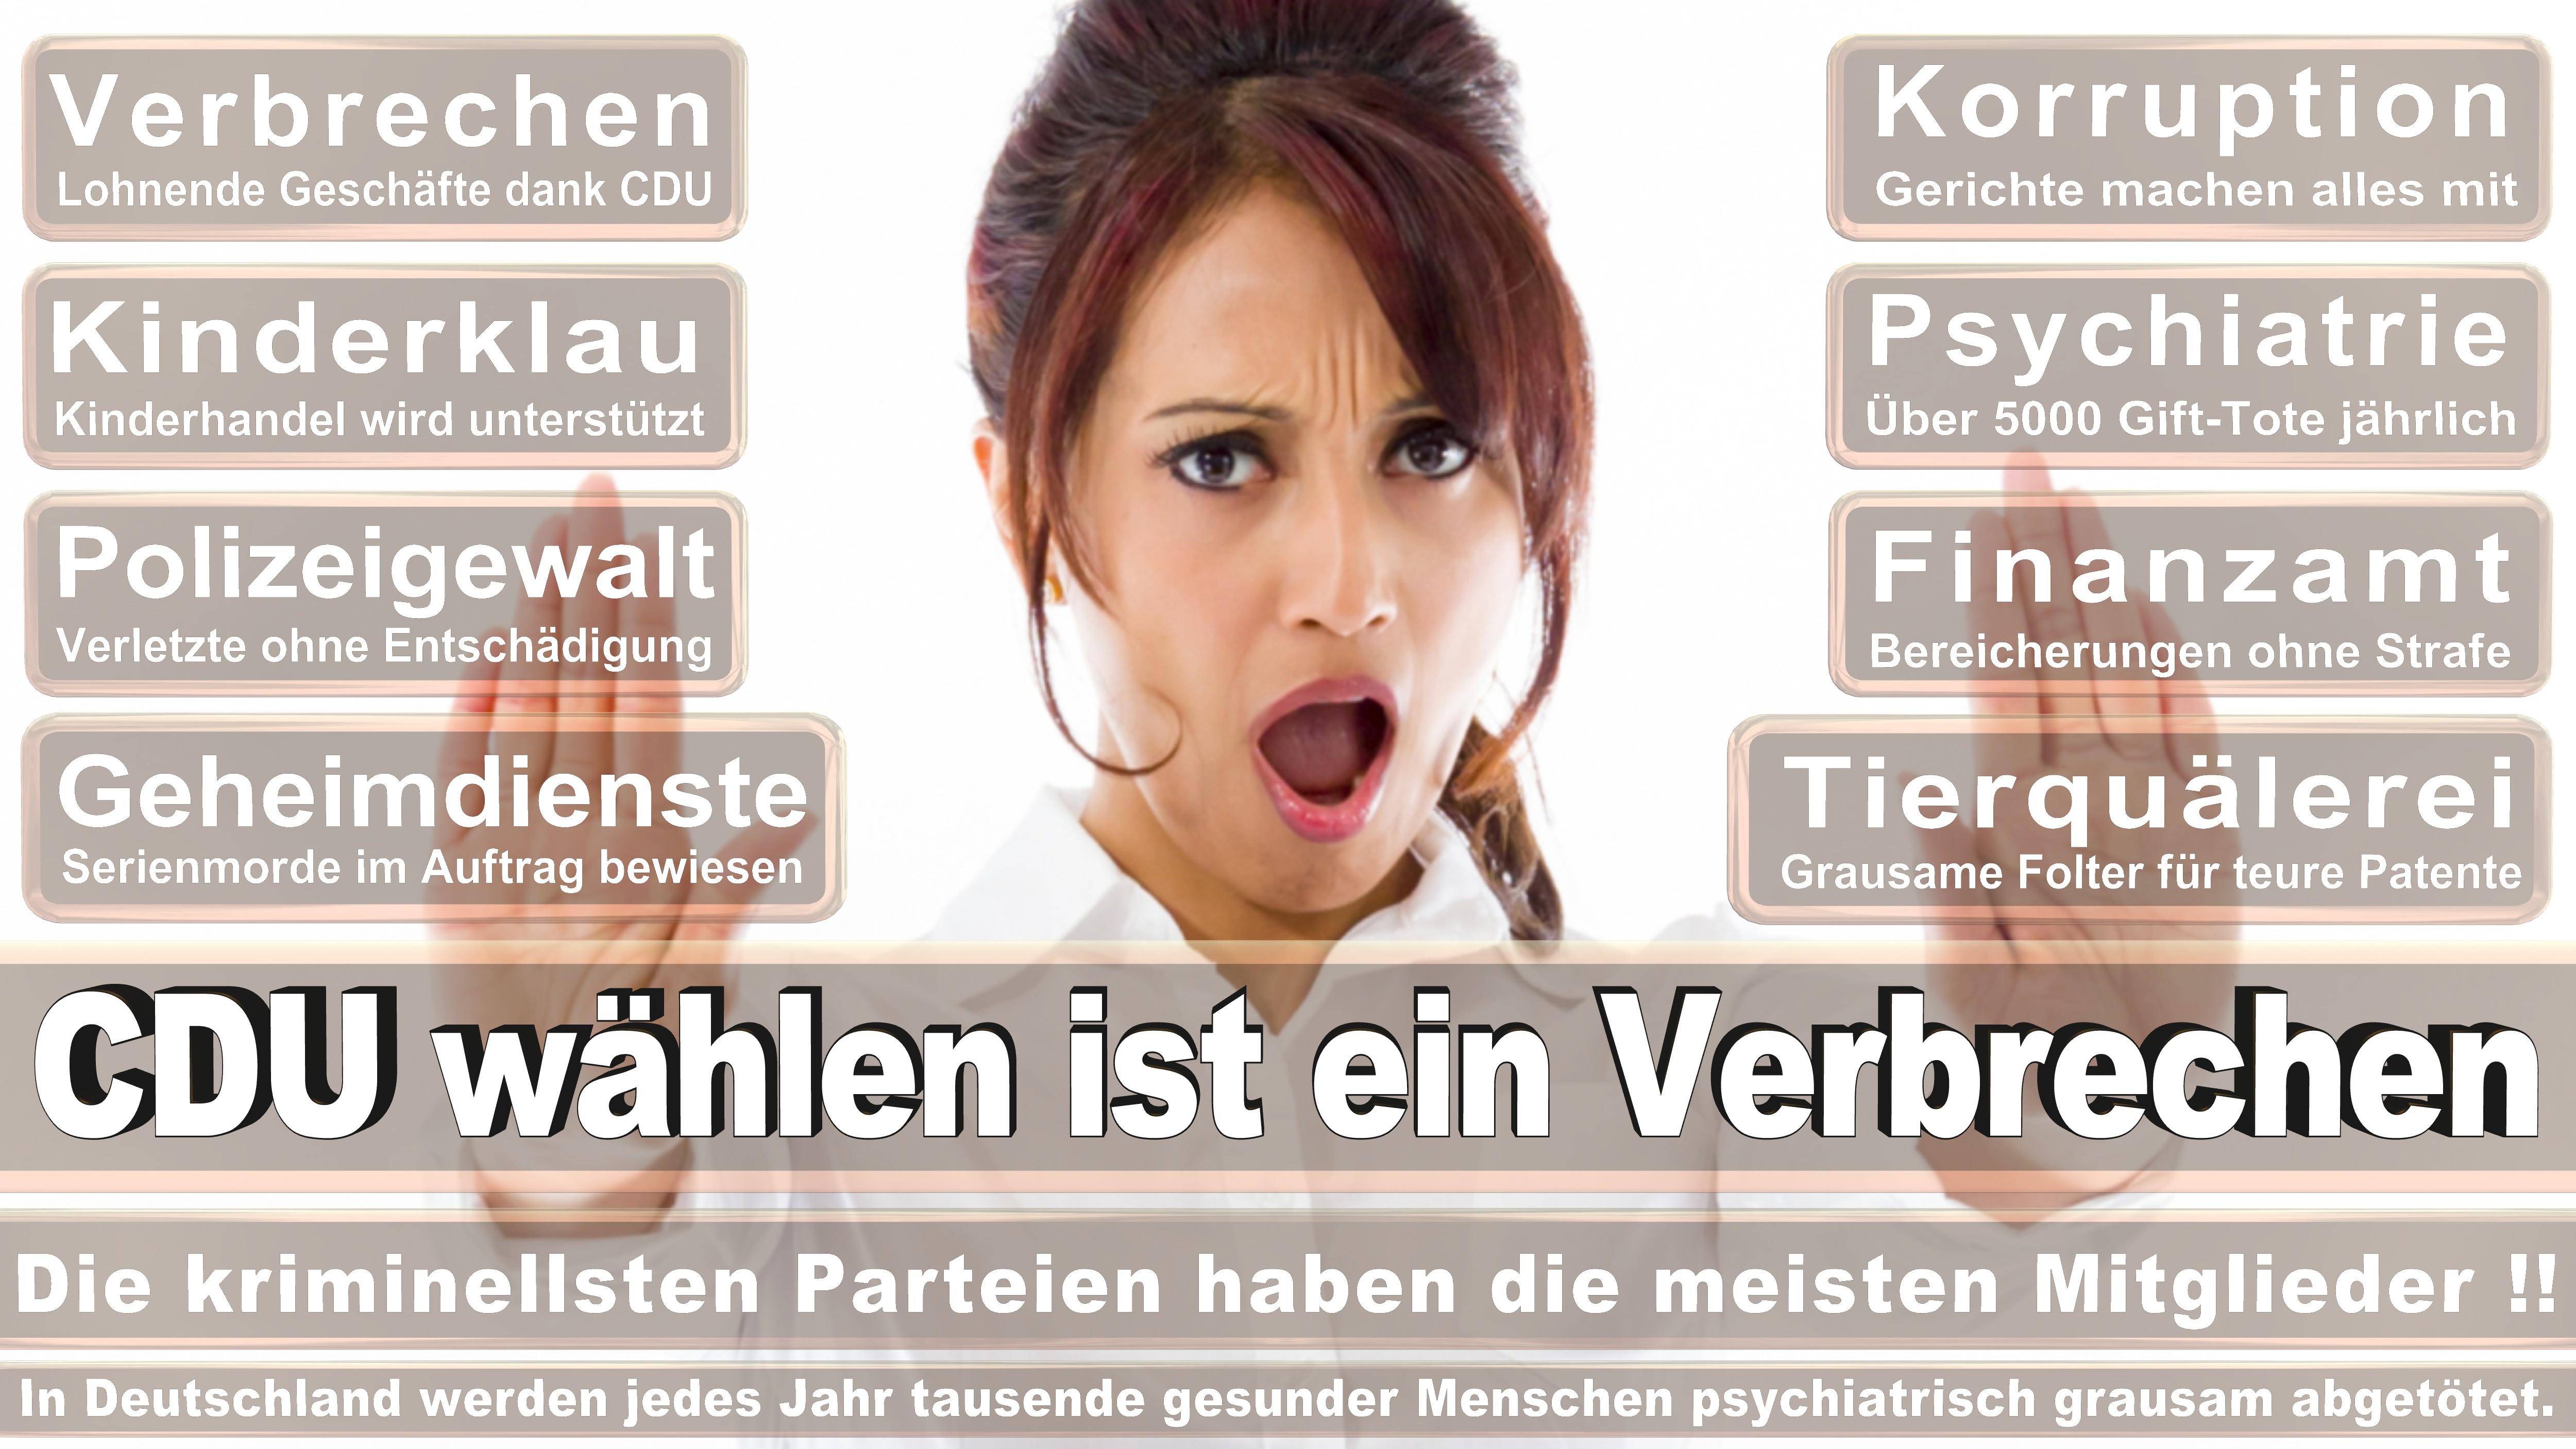 Torbjörn Kartes CDU CSU Politiker